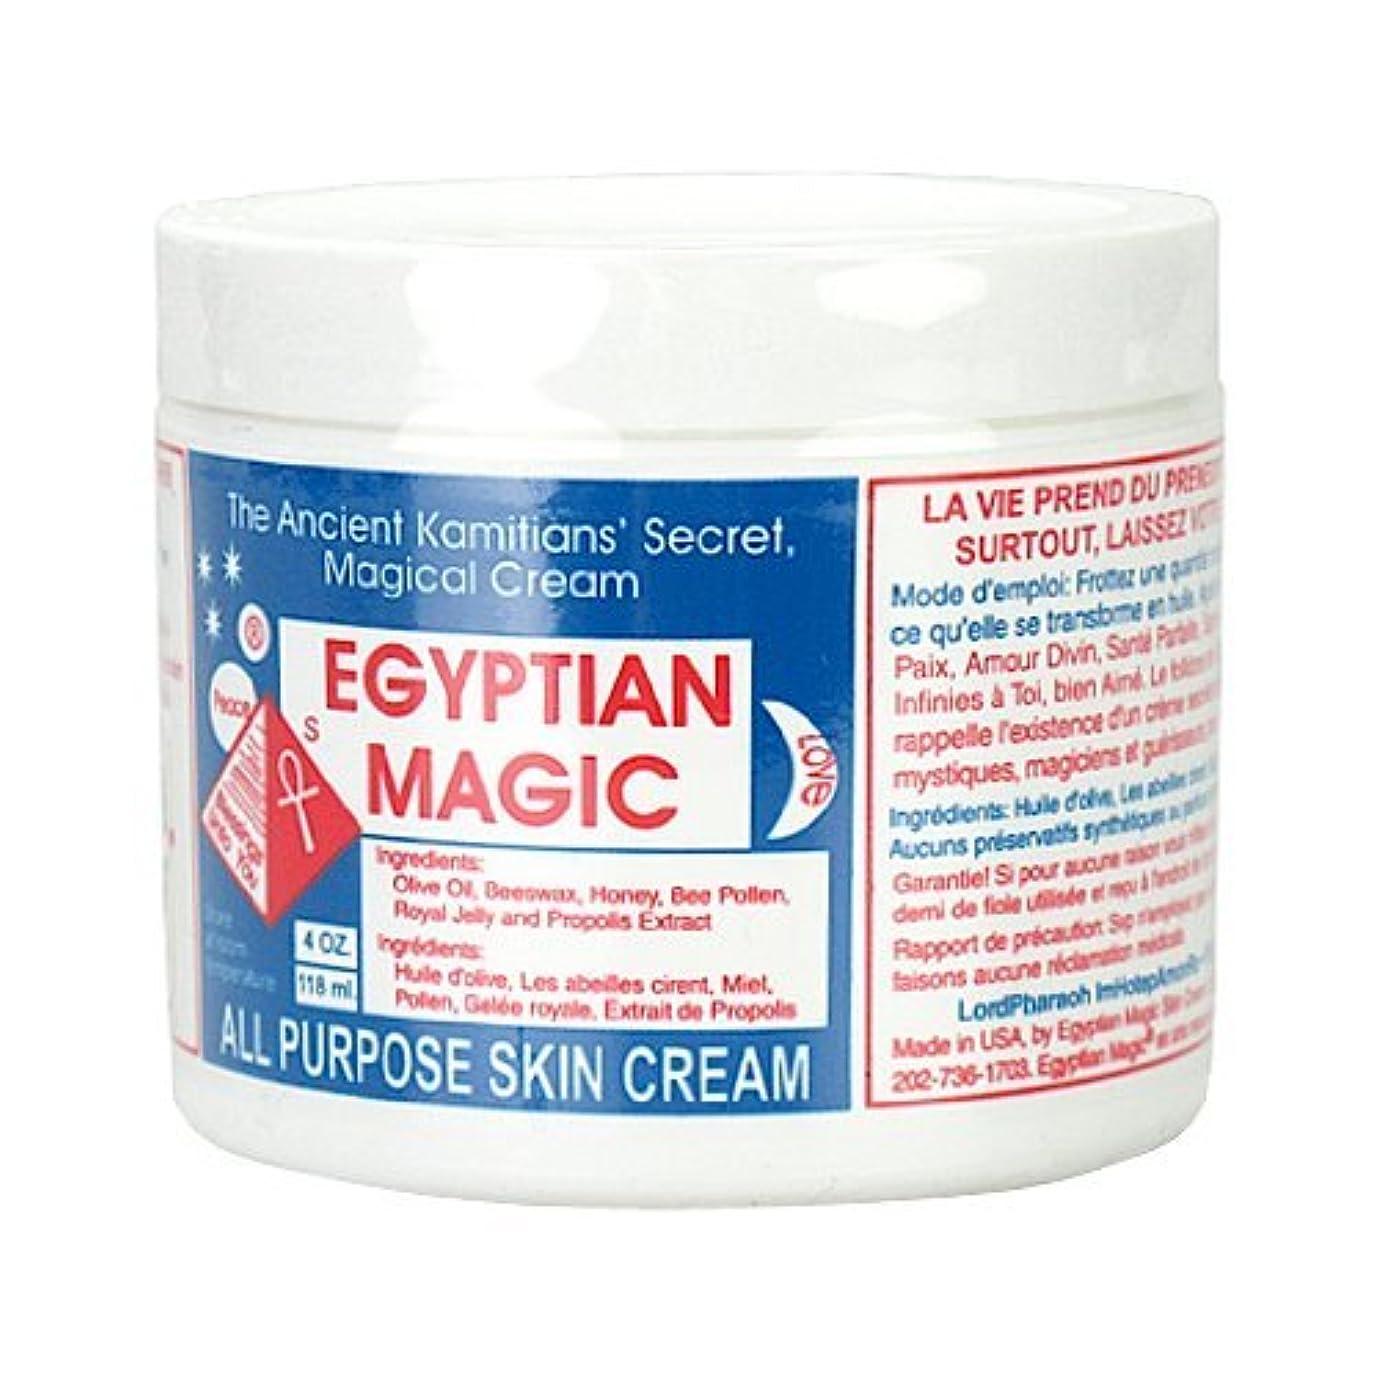 愛情八百屋さん論争エジプシャンマジック EGYPTIAN MAGIC エジプシャン マジック クリーム 118ml 保湿クリーム